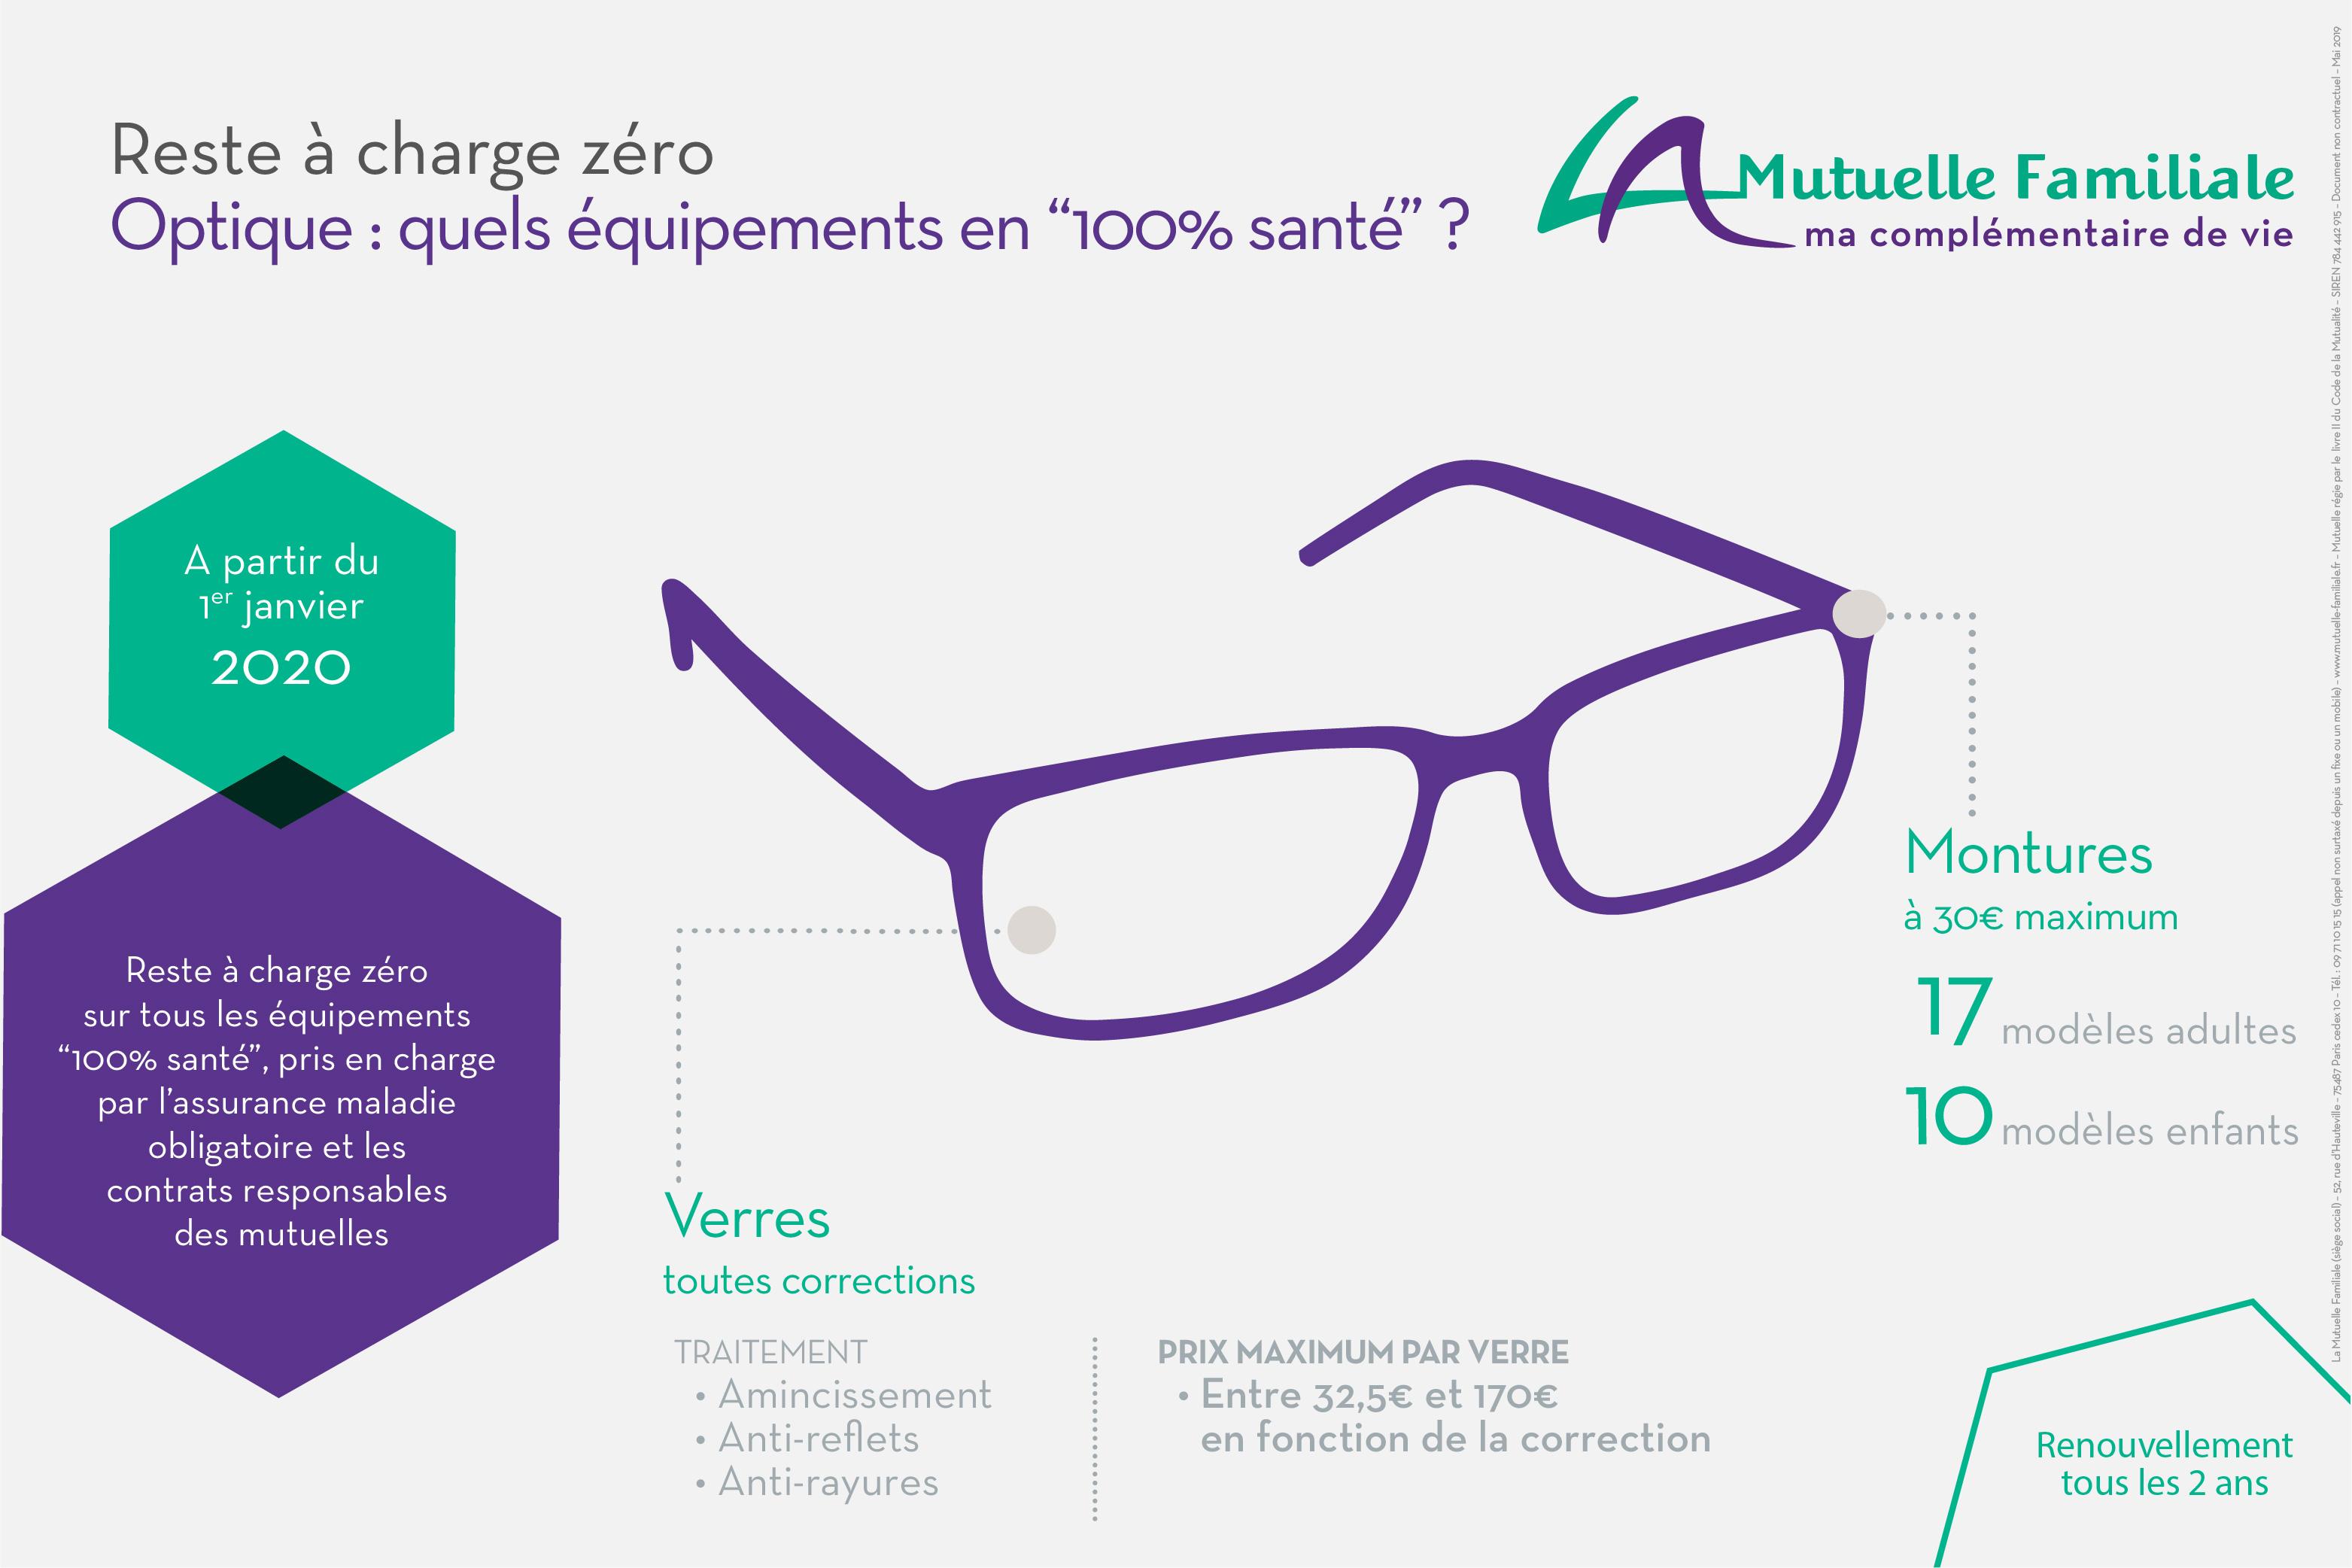 Zéro Online La Optique Campagne Vidéo Mutuelle Charge Reste À nwOX8P0Nk